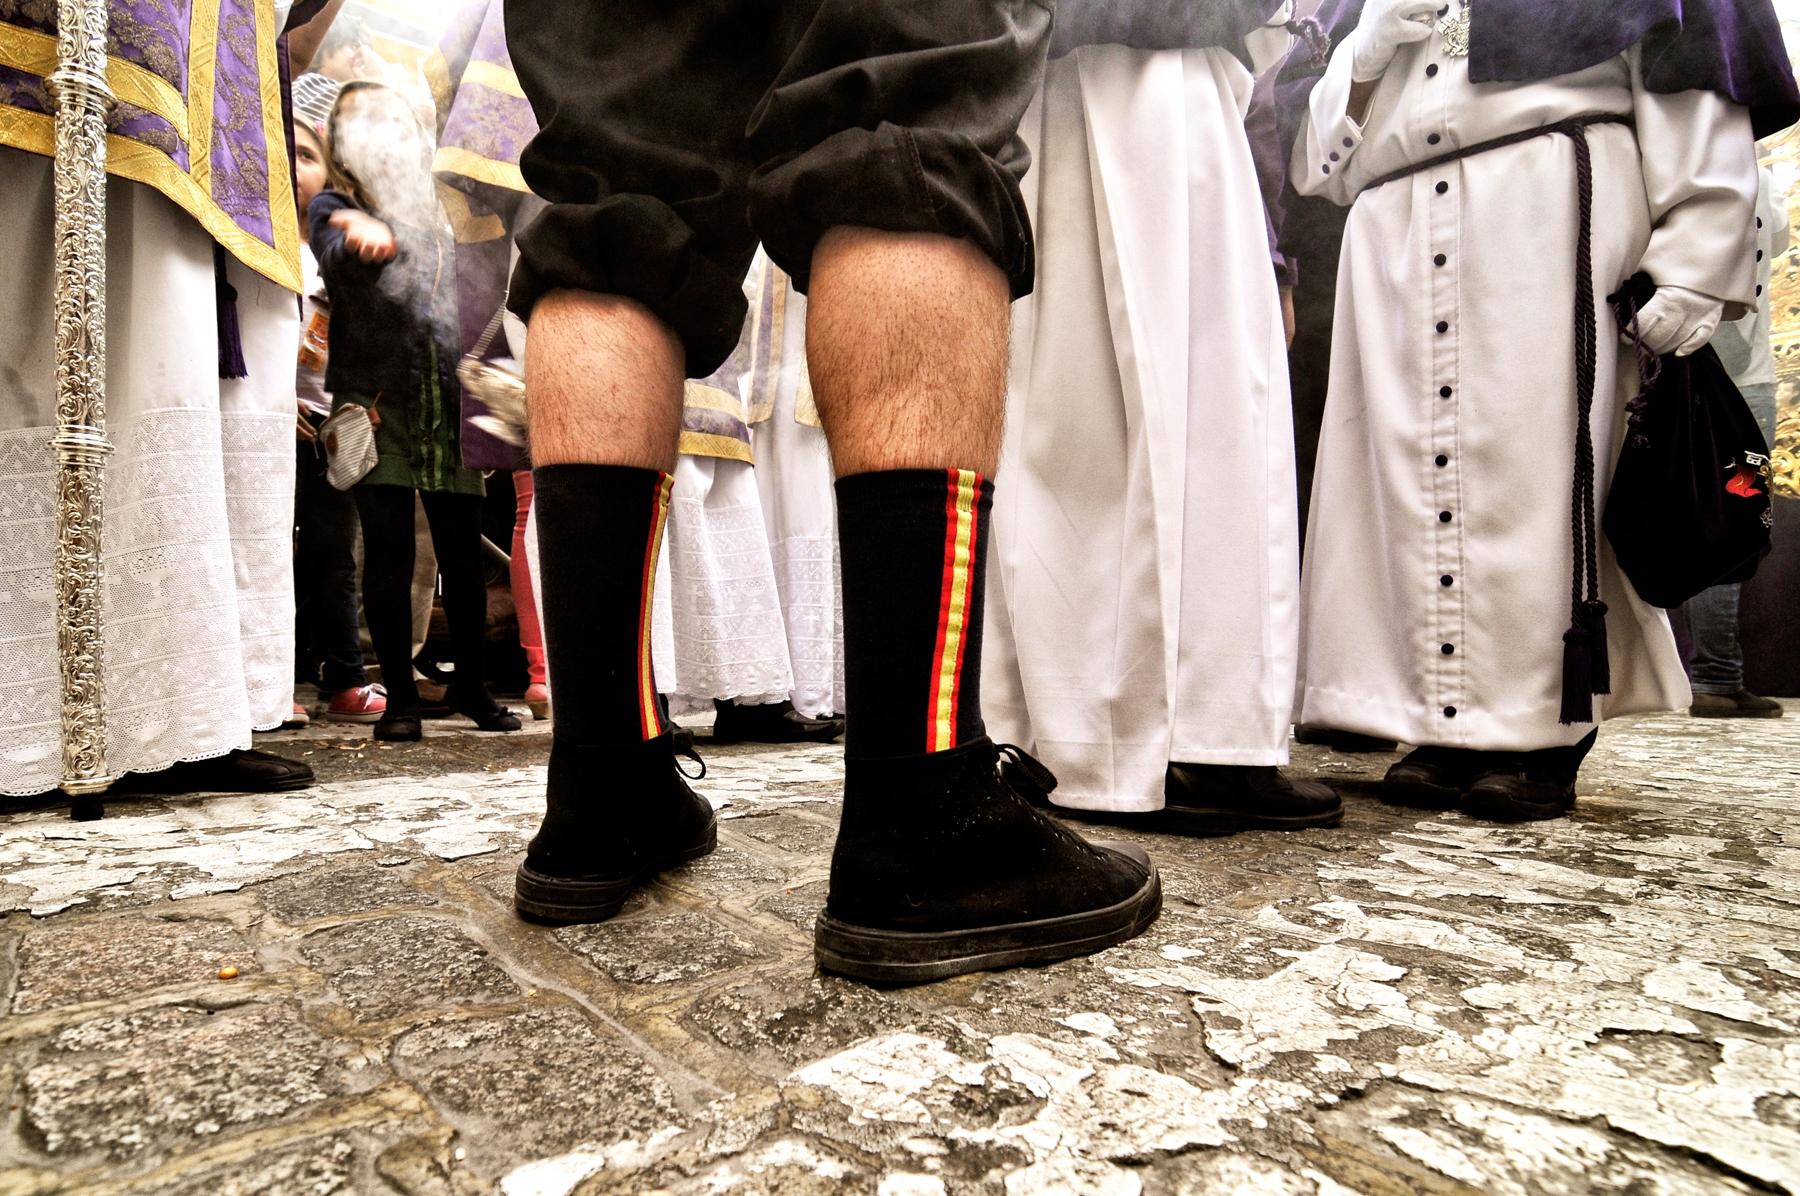 Un costalero conversa con varios penitentes y monaguillos durante una procesión © Bisual Studio